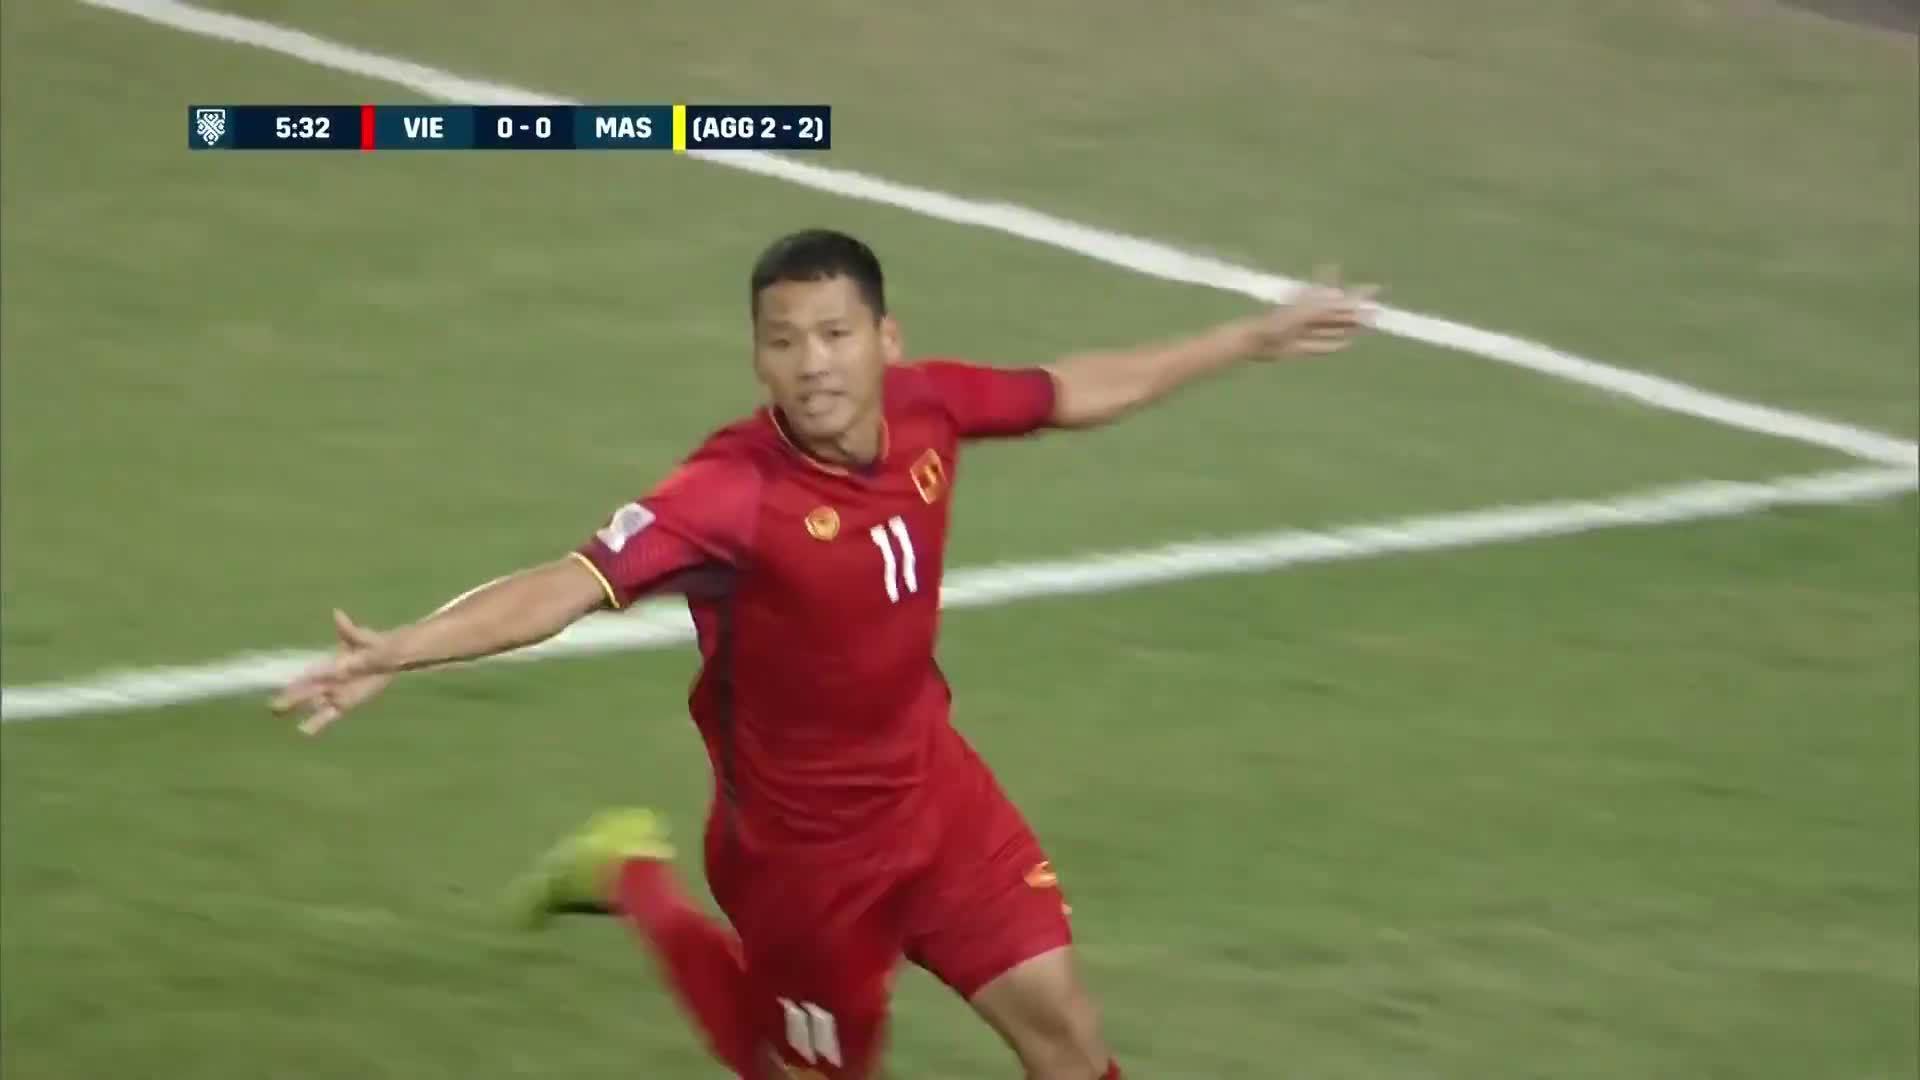 Nguyễn Anh Đức (Việt Nam 1-0 Malaysia)